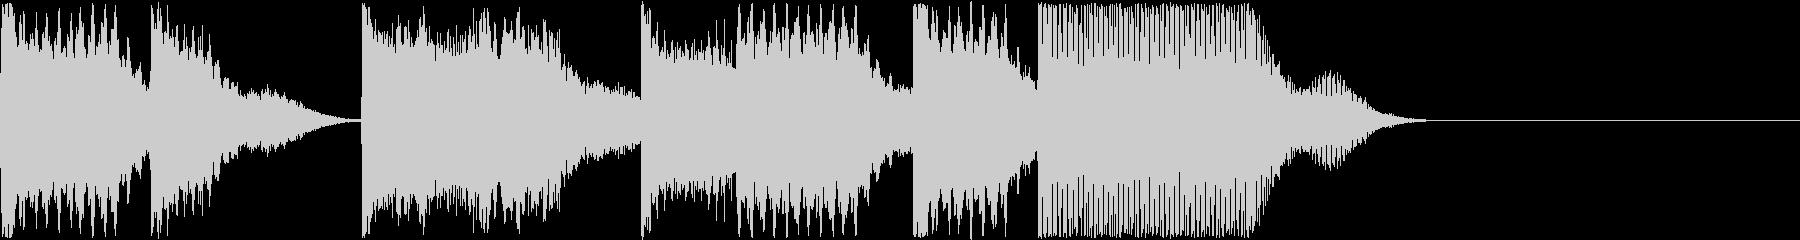 AI メカ/ロボ/マシン動作音 18の未再生の波形